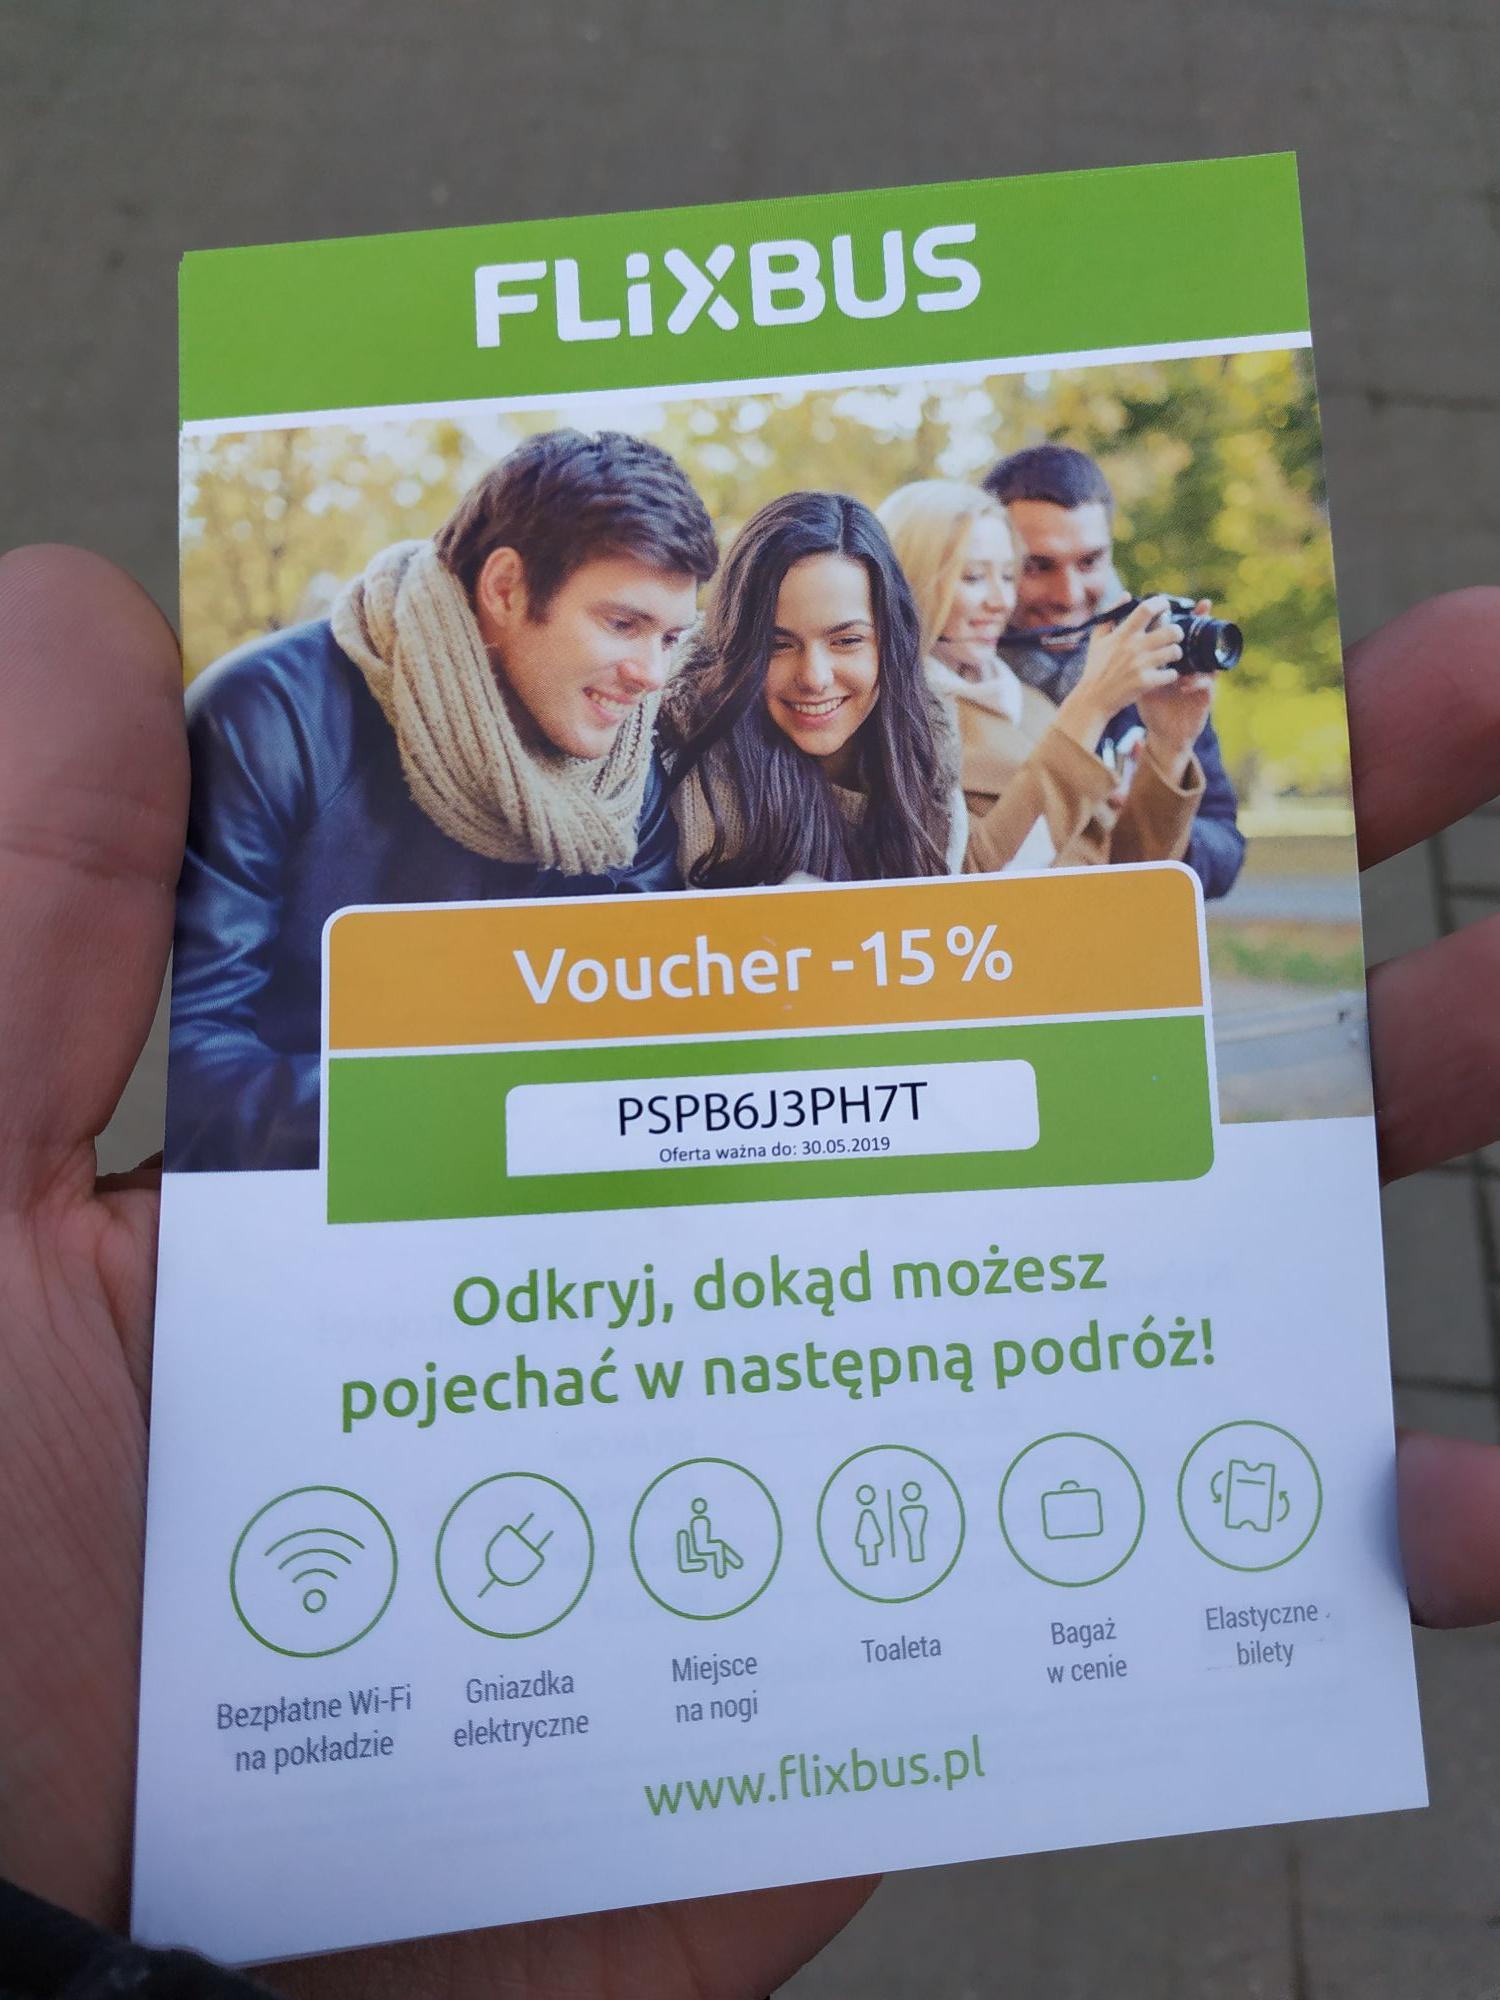 Voucher Flixbus -15% (nowe kody)